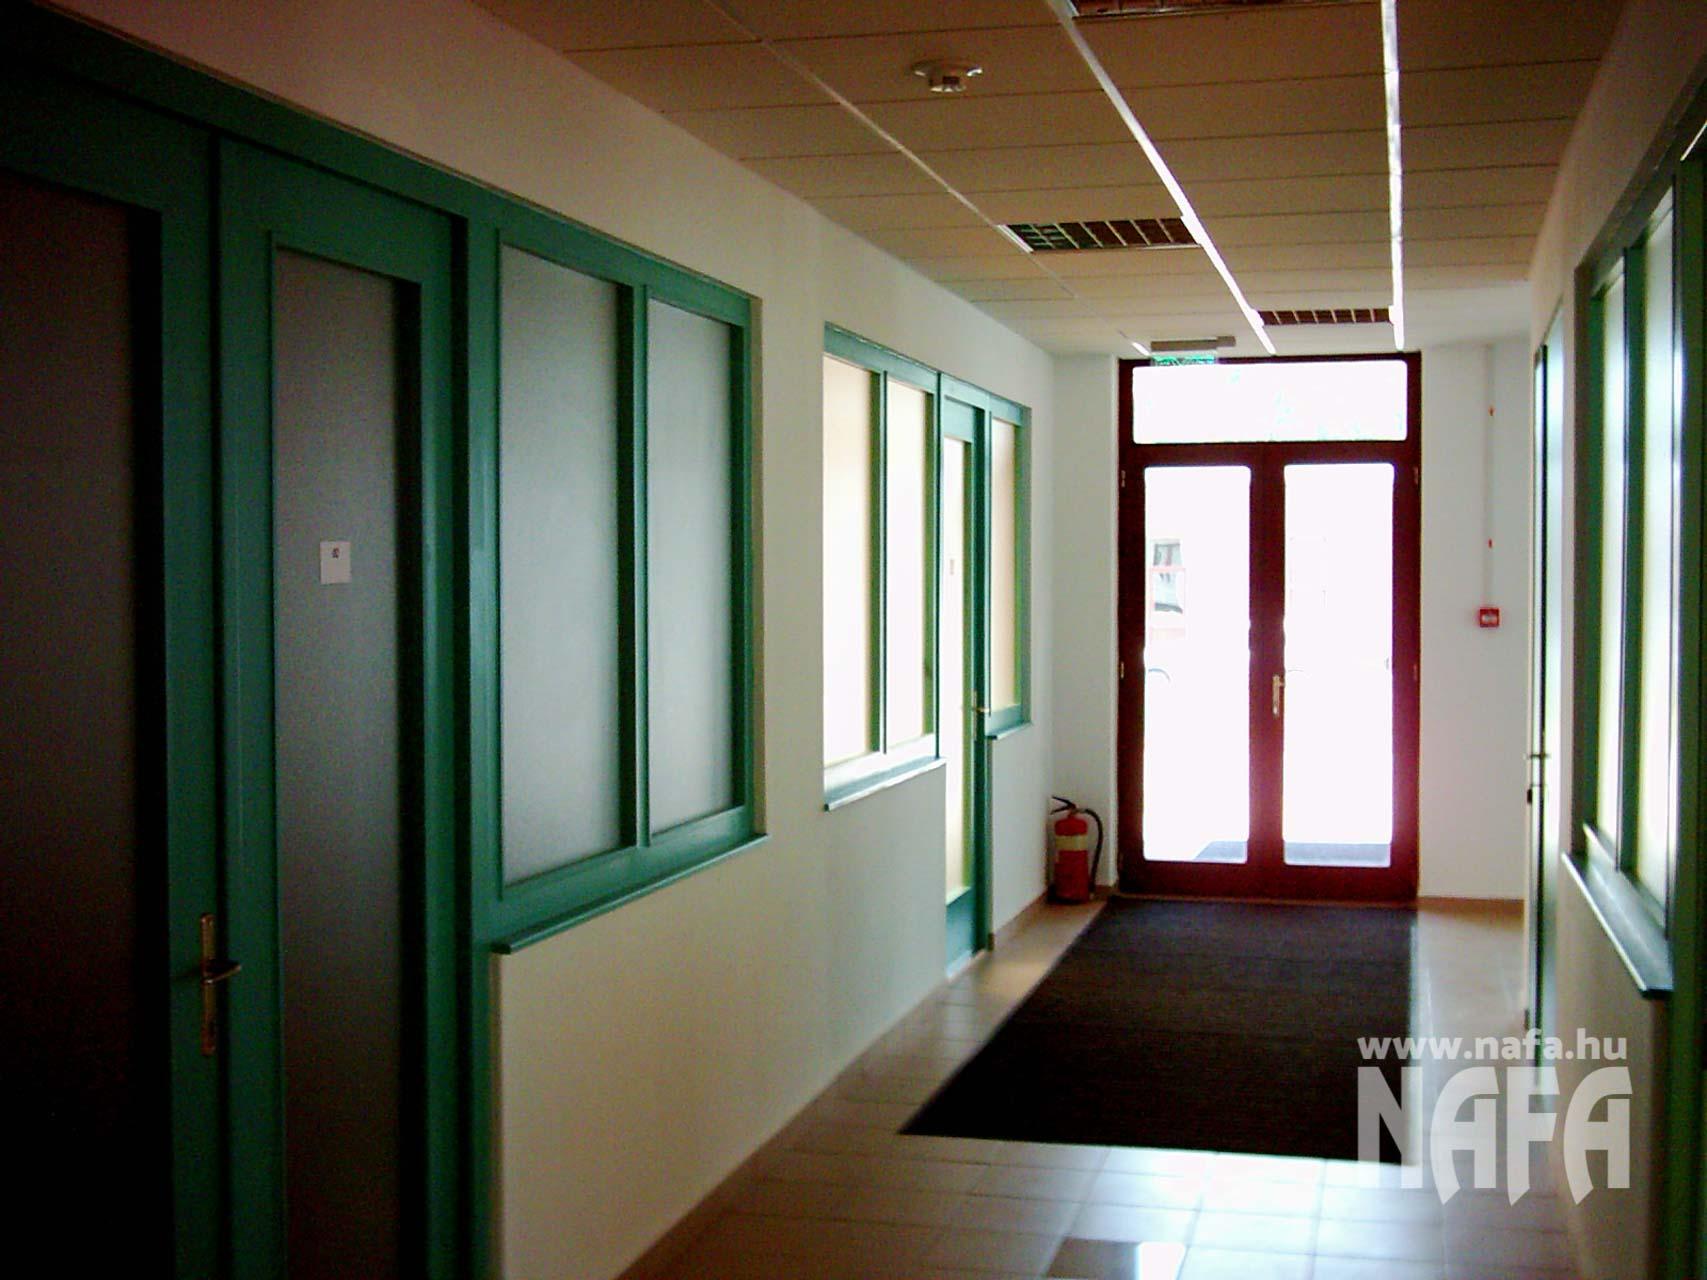 Farost-MDF-üvegfal-belsőajtó-Kaposvár-Irodaház